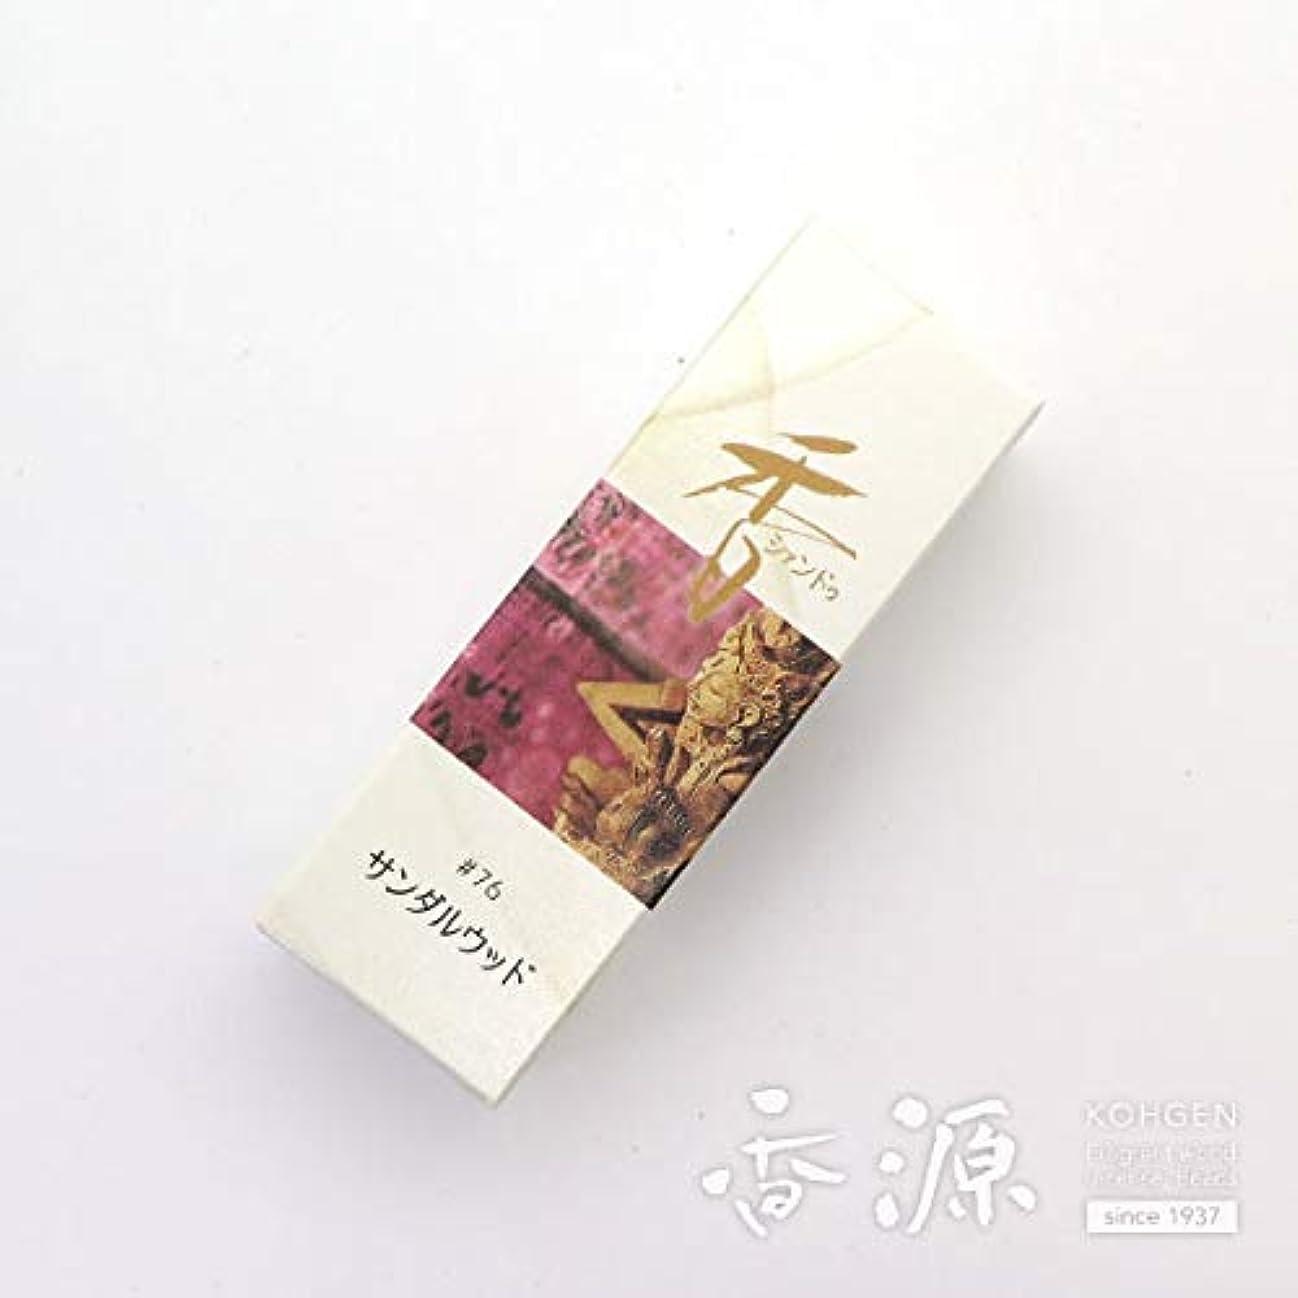 邪魔スライス完璧な松栄堂のお香 Xiang Do サンダルウッド ST20本入 簡易香立付 #214276